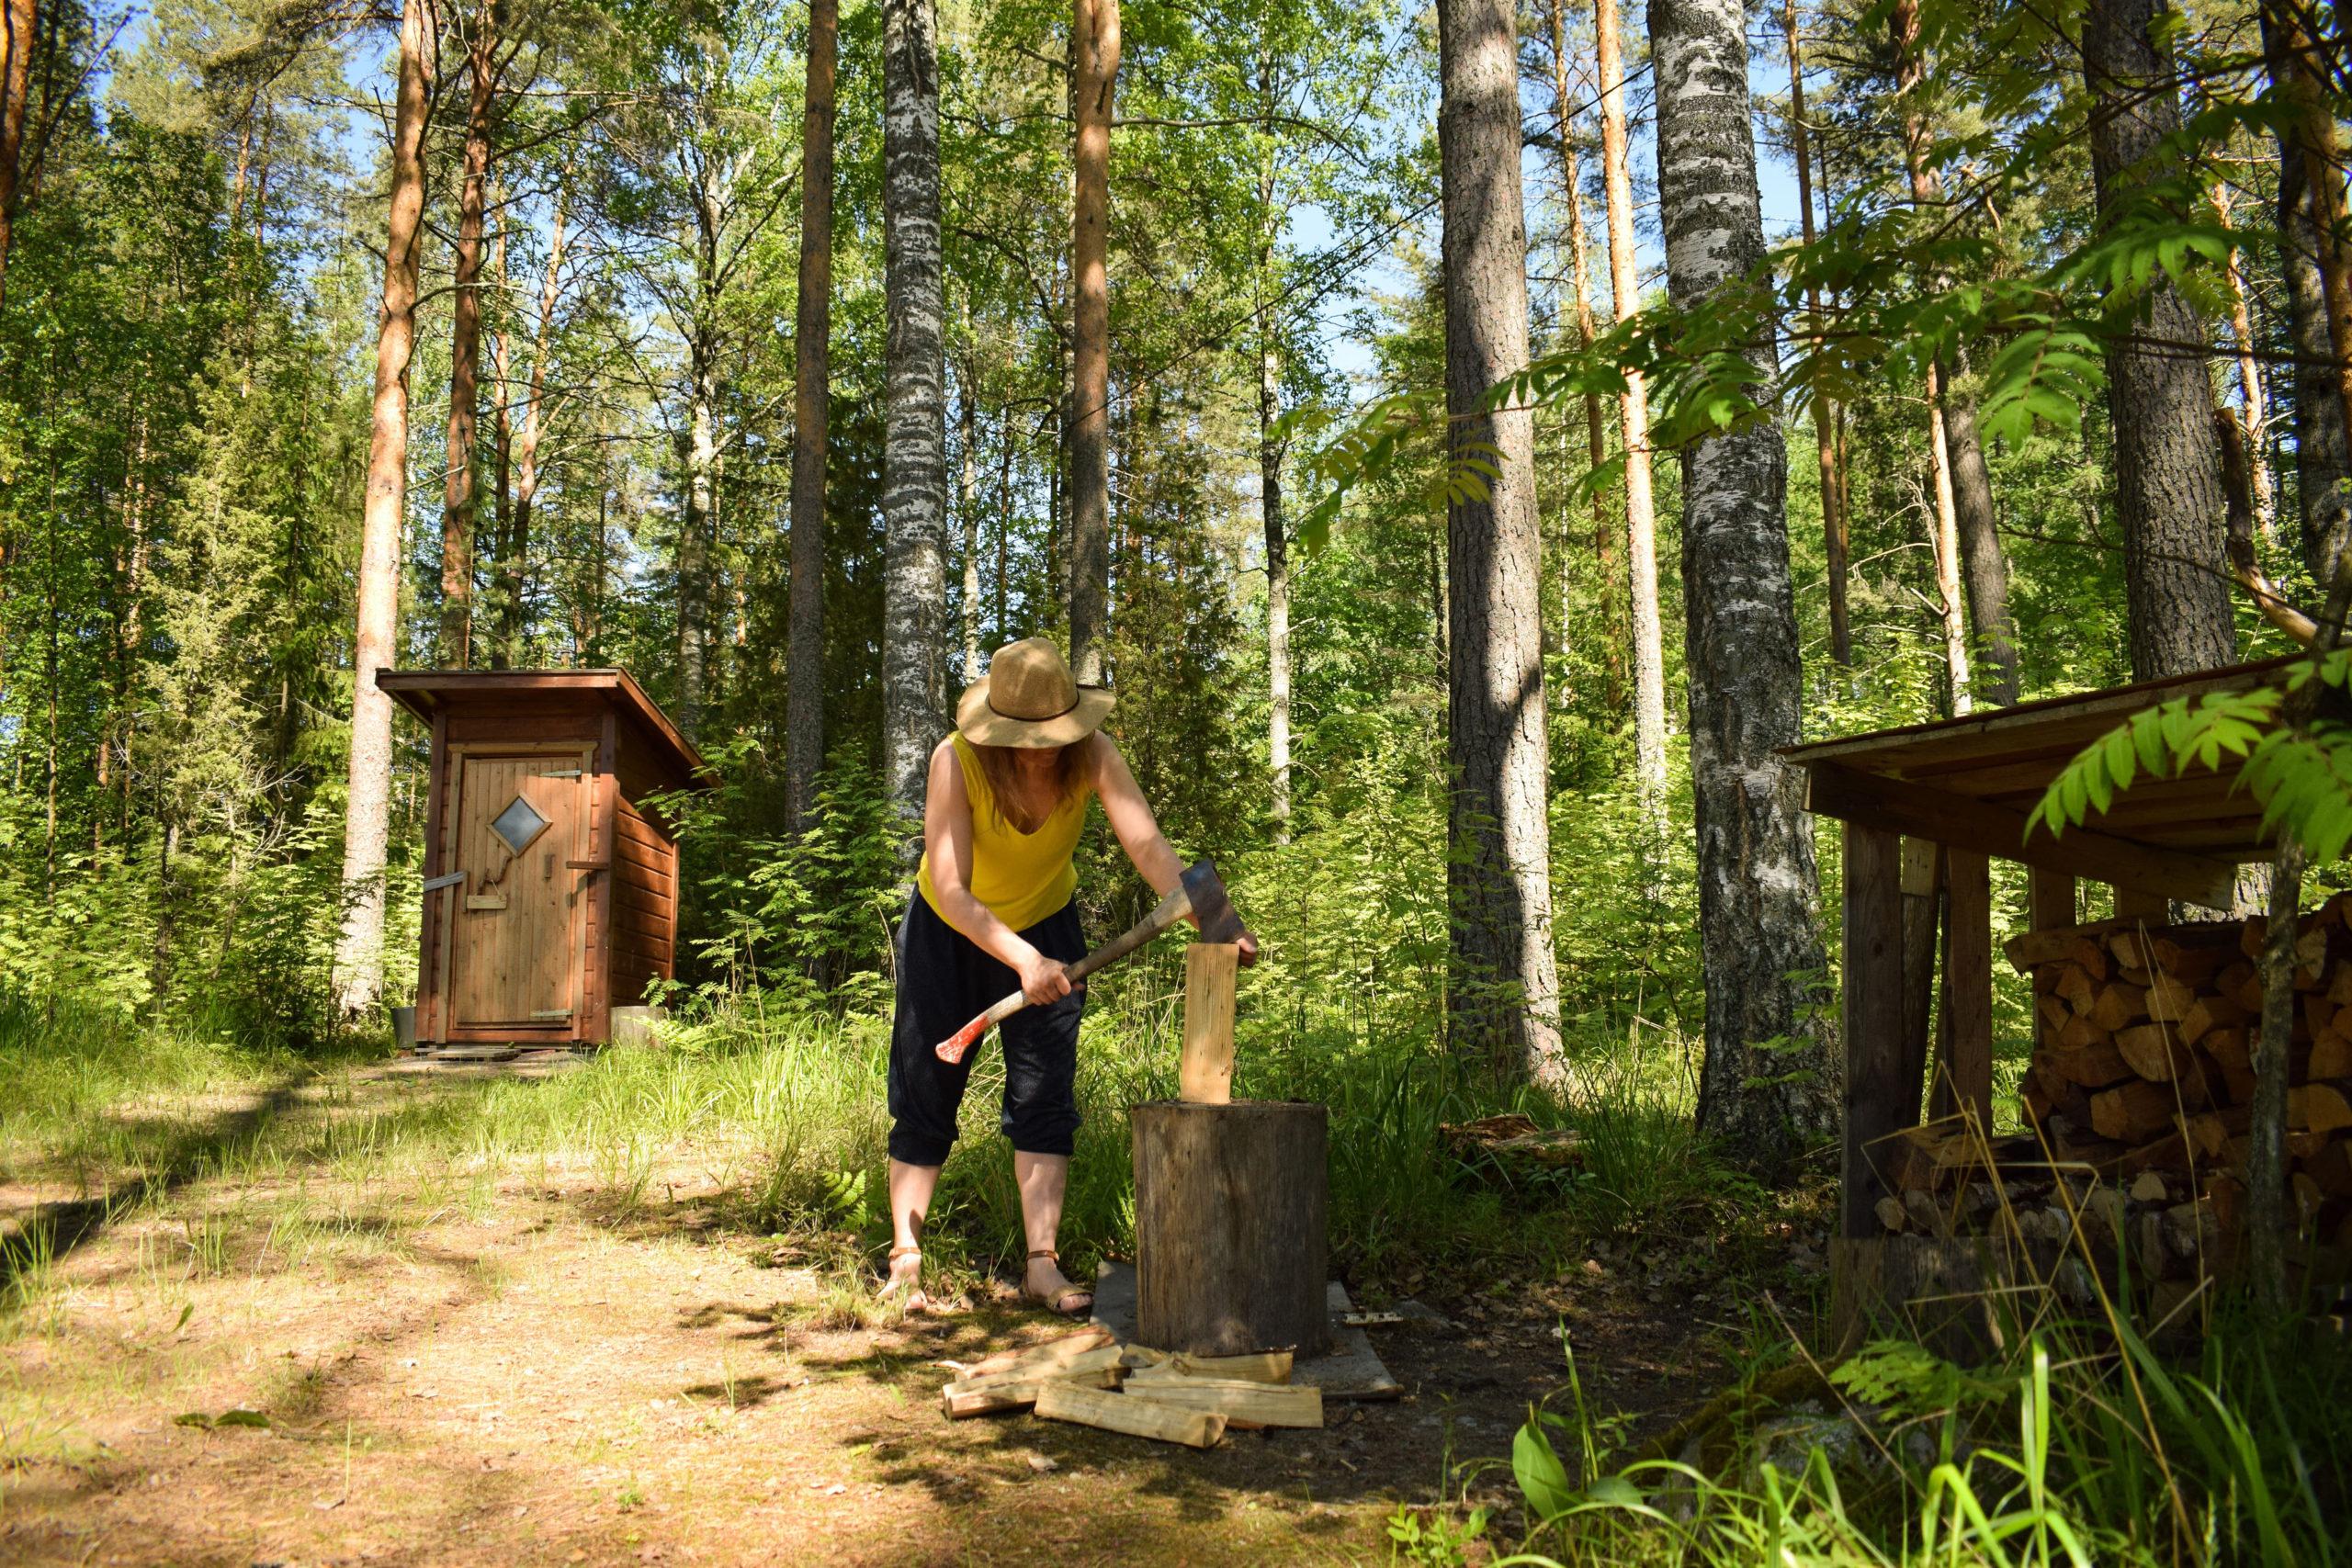 Making firewood at Kukkoniemen Lomamökit rental cottages in Punkaharju, Saimaa